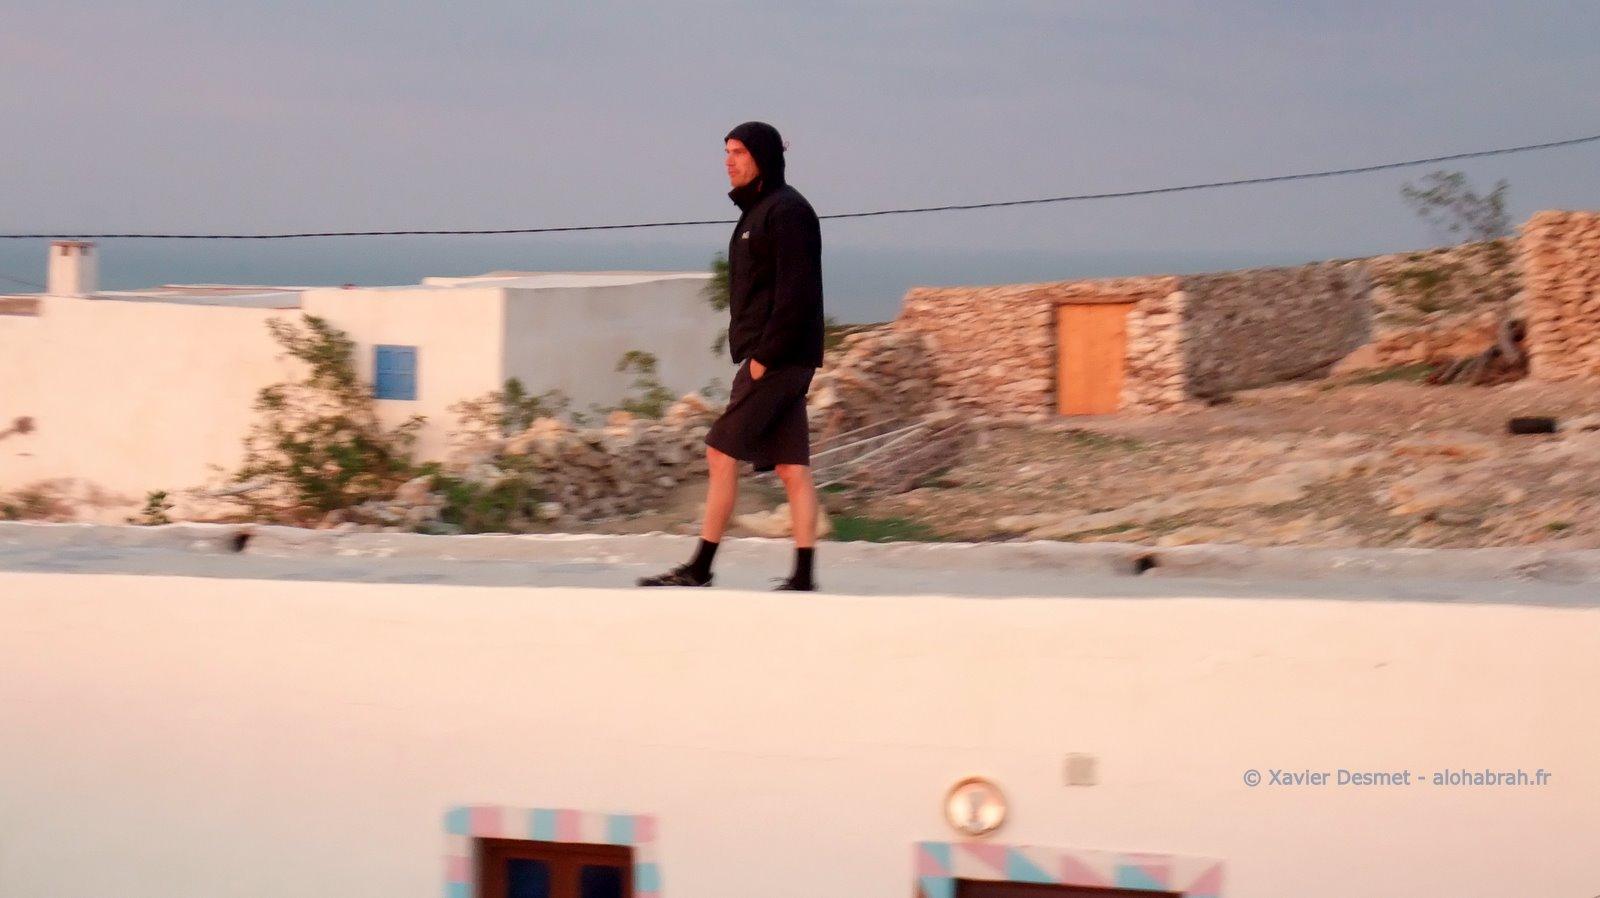 Check matinal sur le toit de la maison © Xavier Desmet - alohabrah.fr